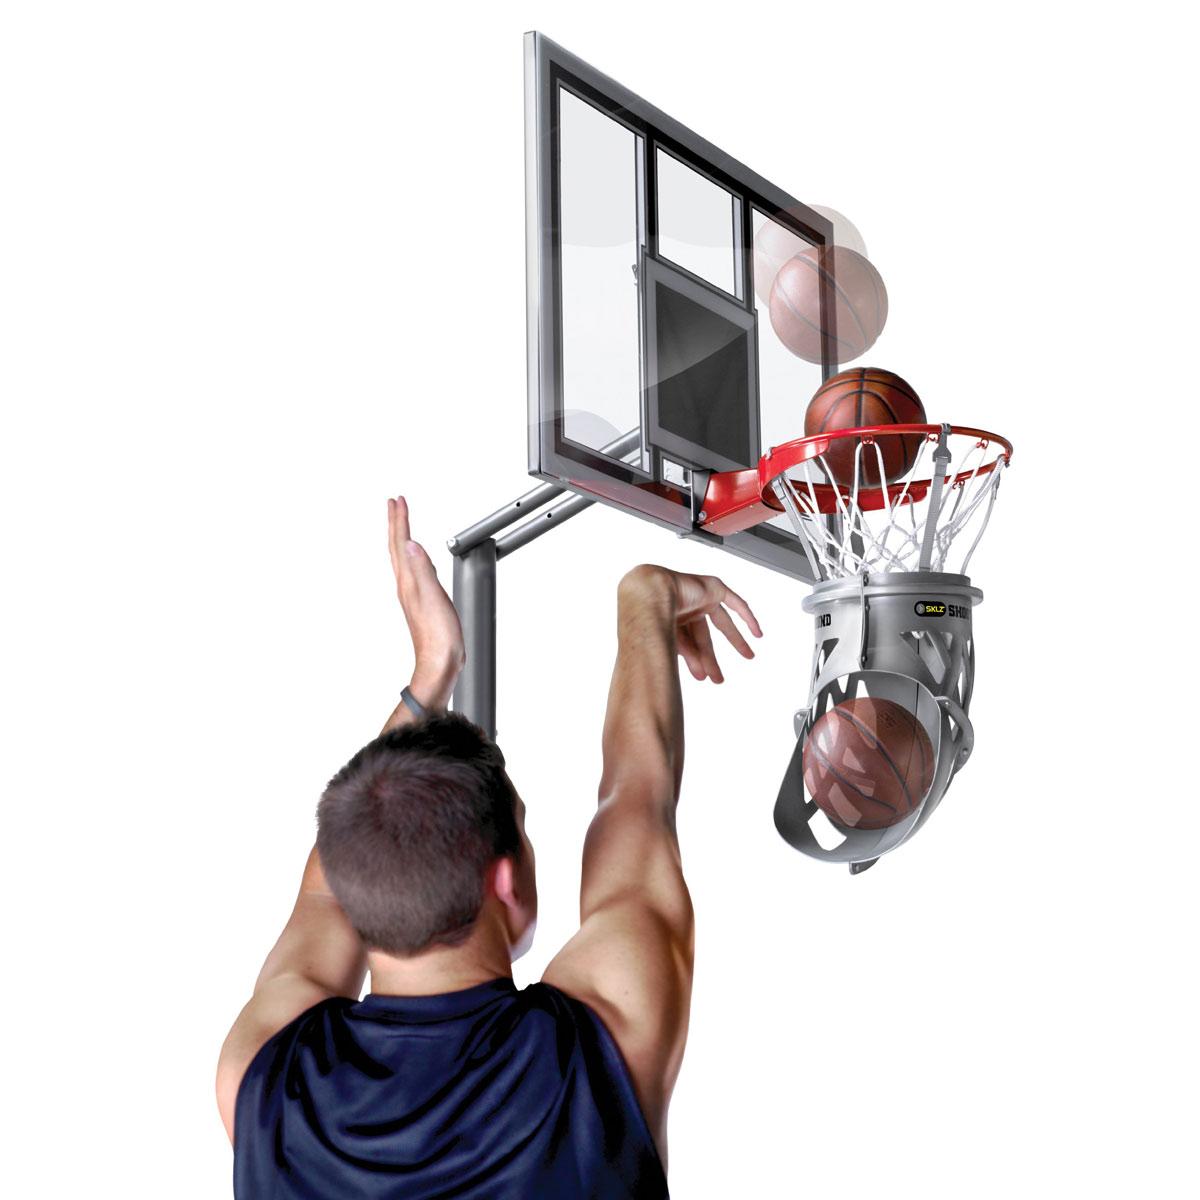 Другие товары SKLZРукав для возврата мяча SKLZ Shoot AroundТренажер баскетбольных бросков SKLZ Shoot Around помогает отработать технику и наладить ритм. Он обеспечивает возвращение мяча обратно к игроку быстро и последовательно.<br><br>Цвет: Серый<br>Выберите размер US: 1SIZE